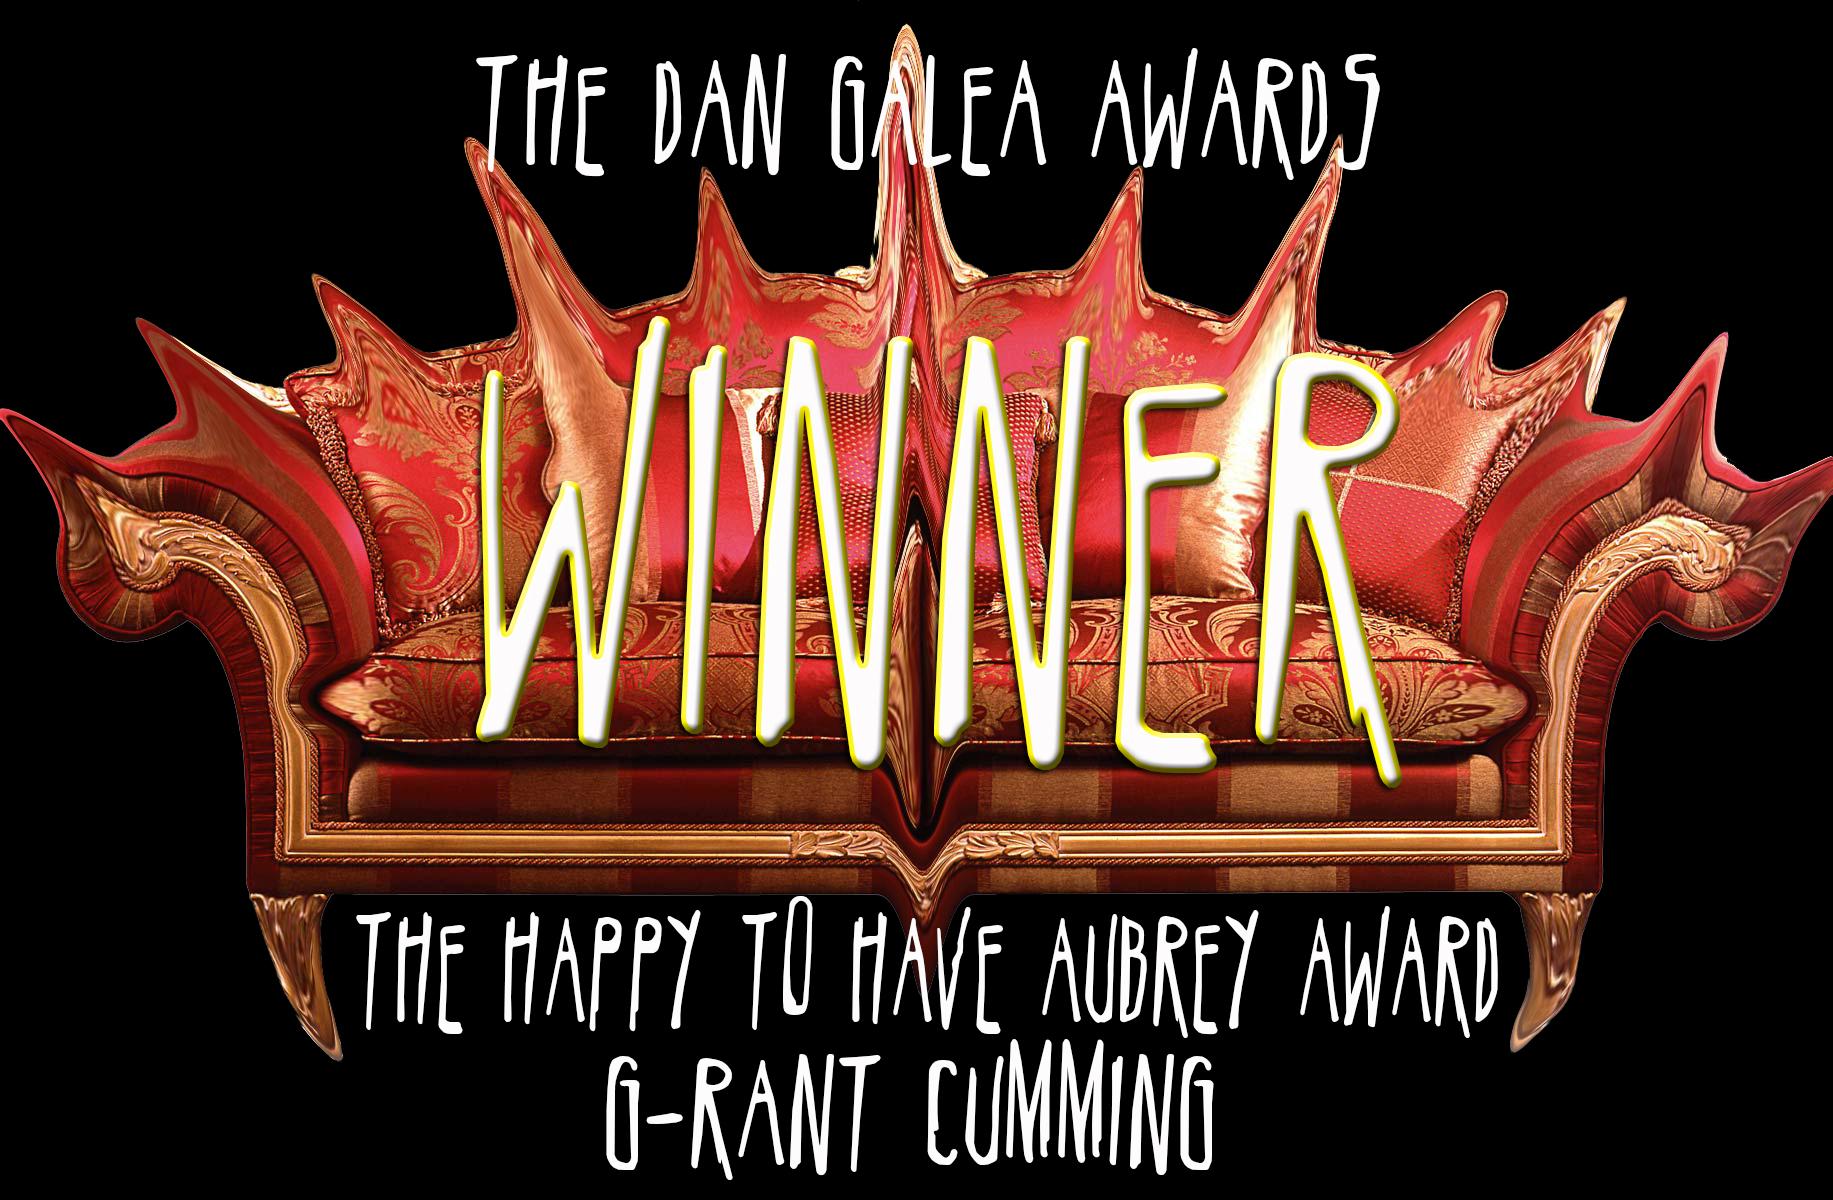 DGawards G-rant Cumming 2.jpg